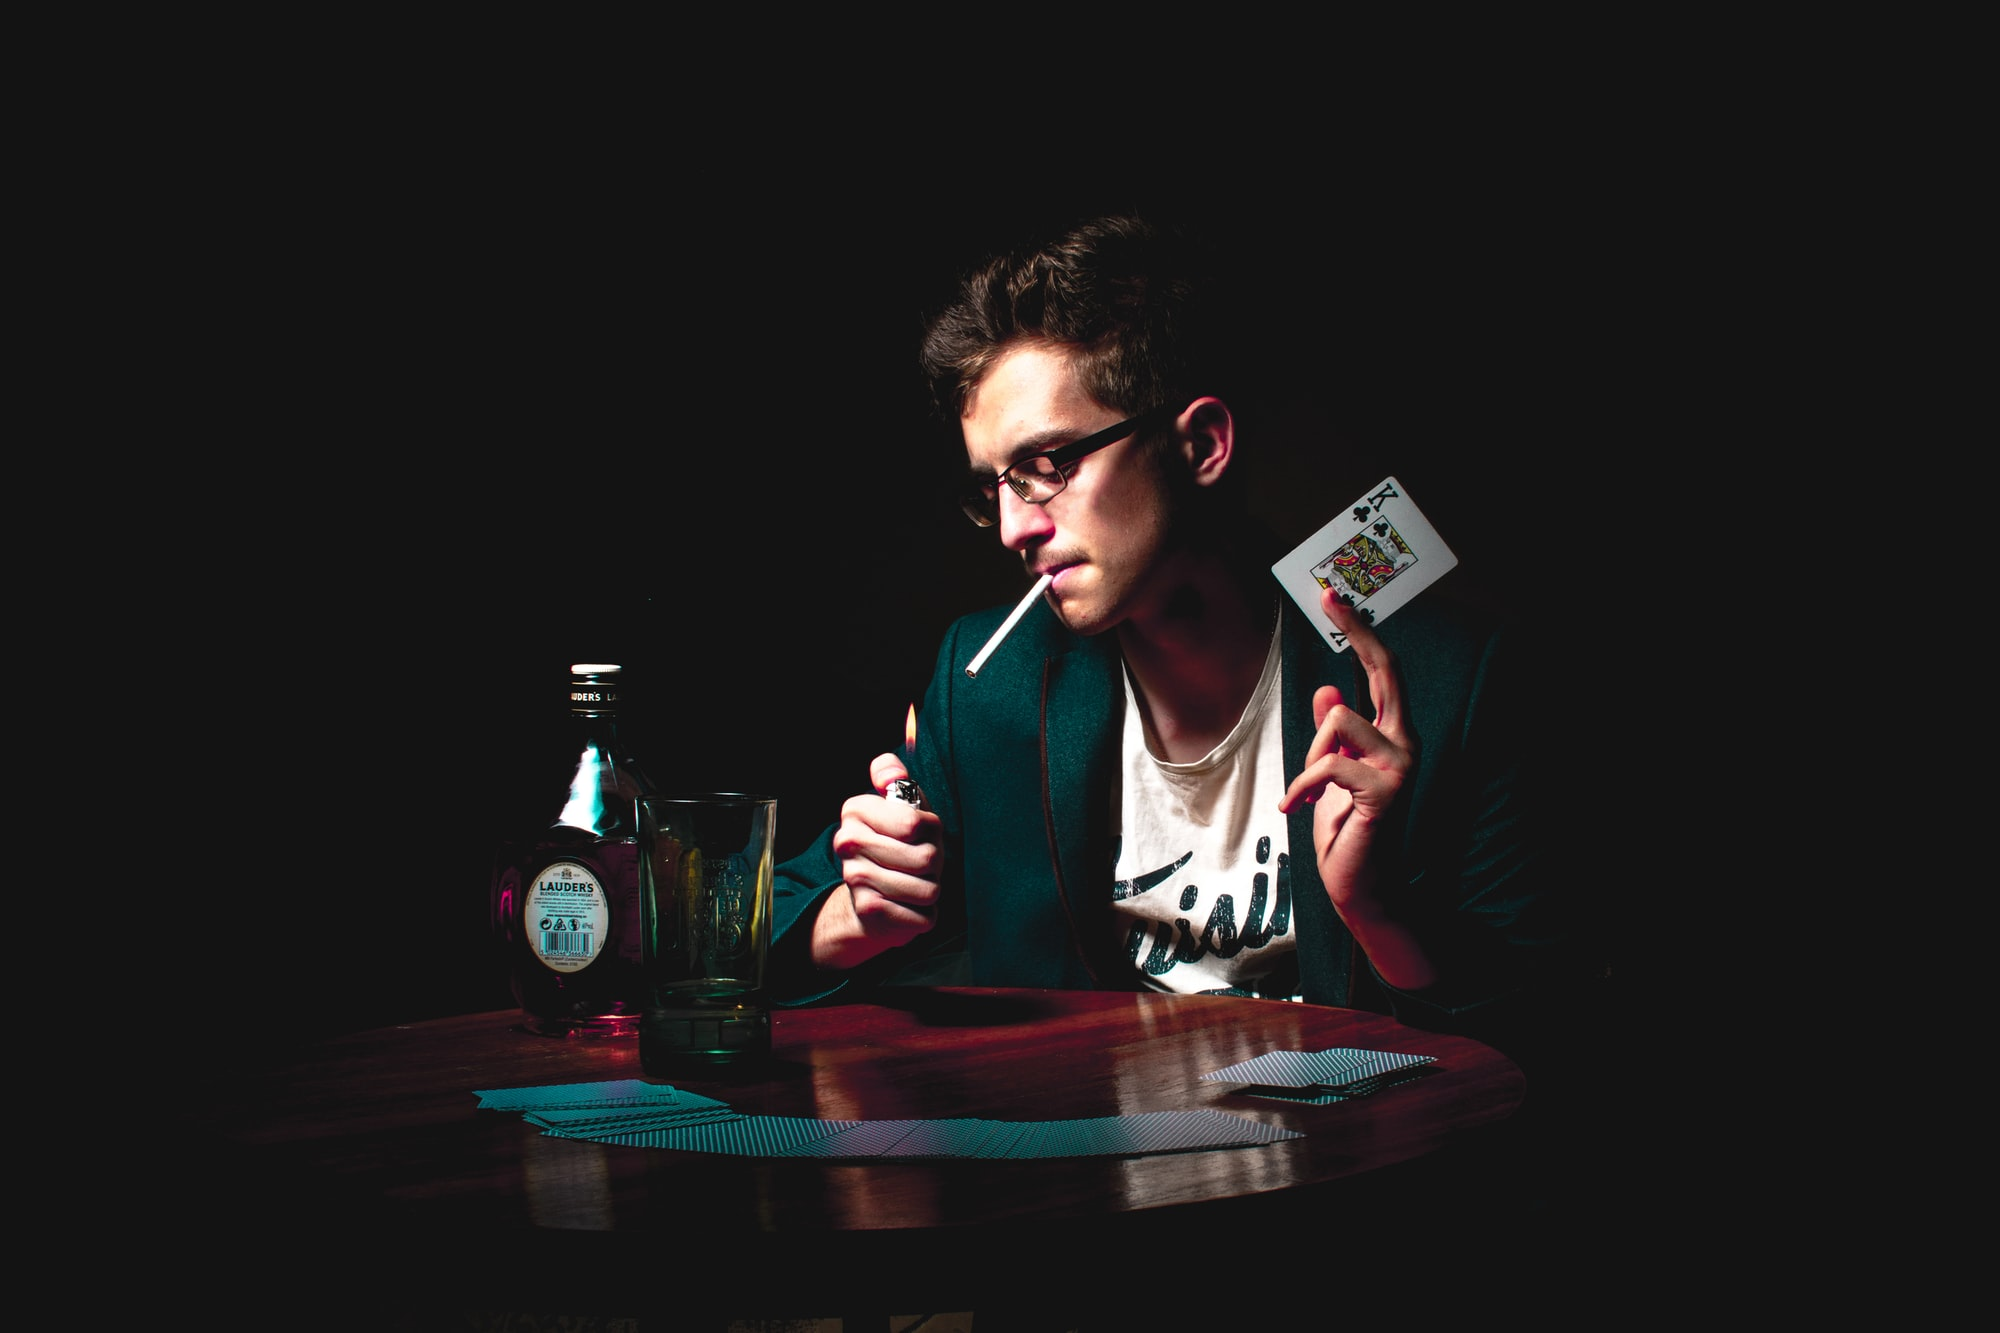 Pokerde Kağıtlar Dağıtılmadan Önce Oyunculardan Birinin Yere Sürdükten Sonra Önünde Fişi Yada Parası Kalmadığını Belirtmek İçin Söylediği Söz Bulmaca Anlamı Nedir?